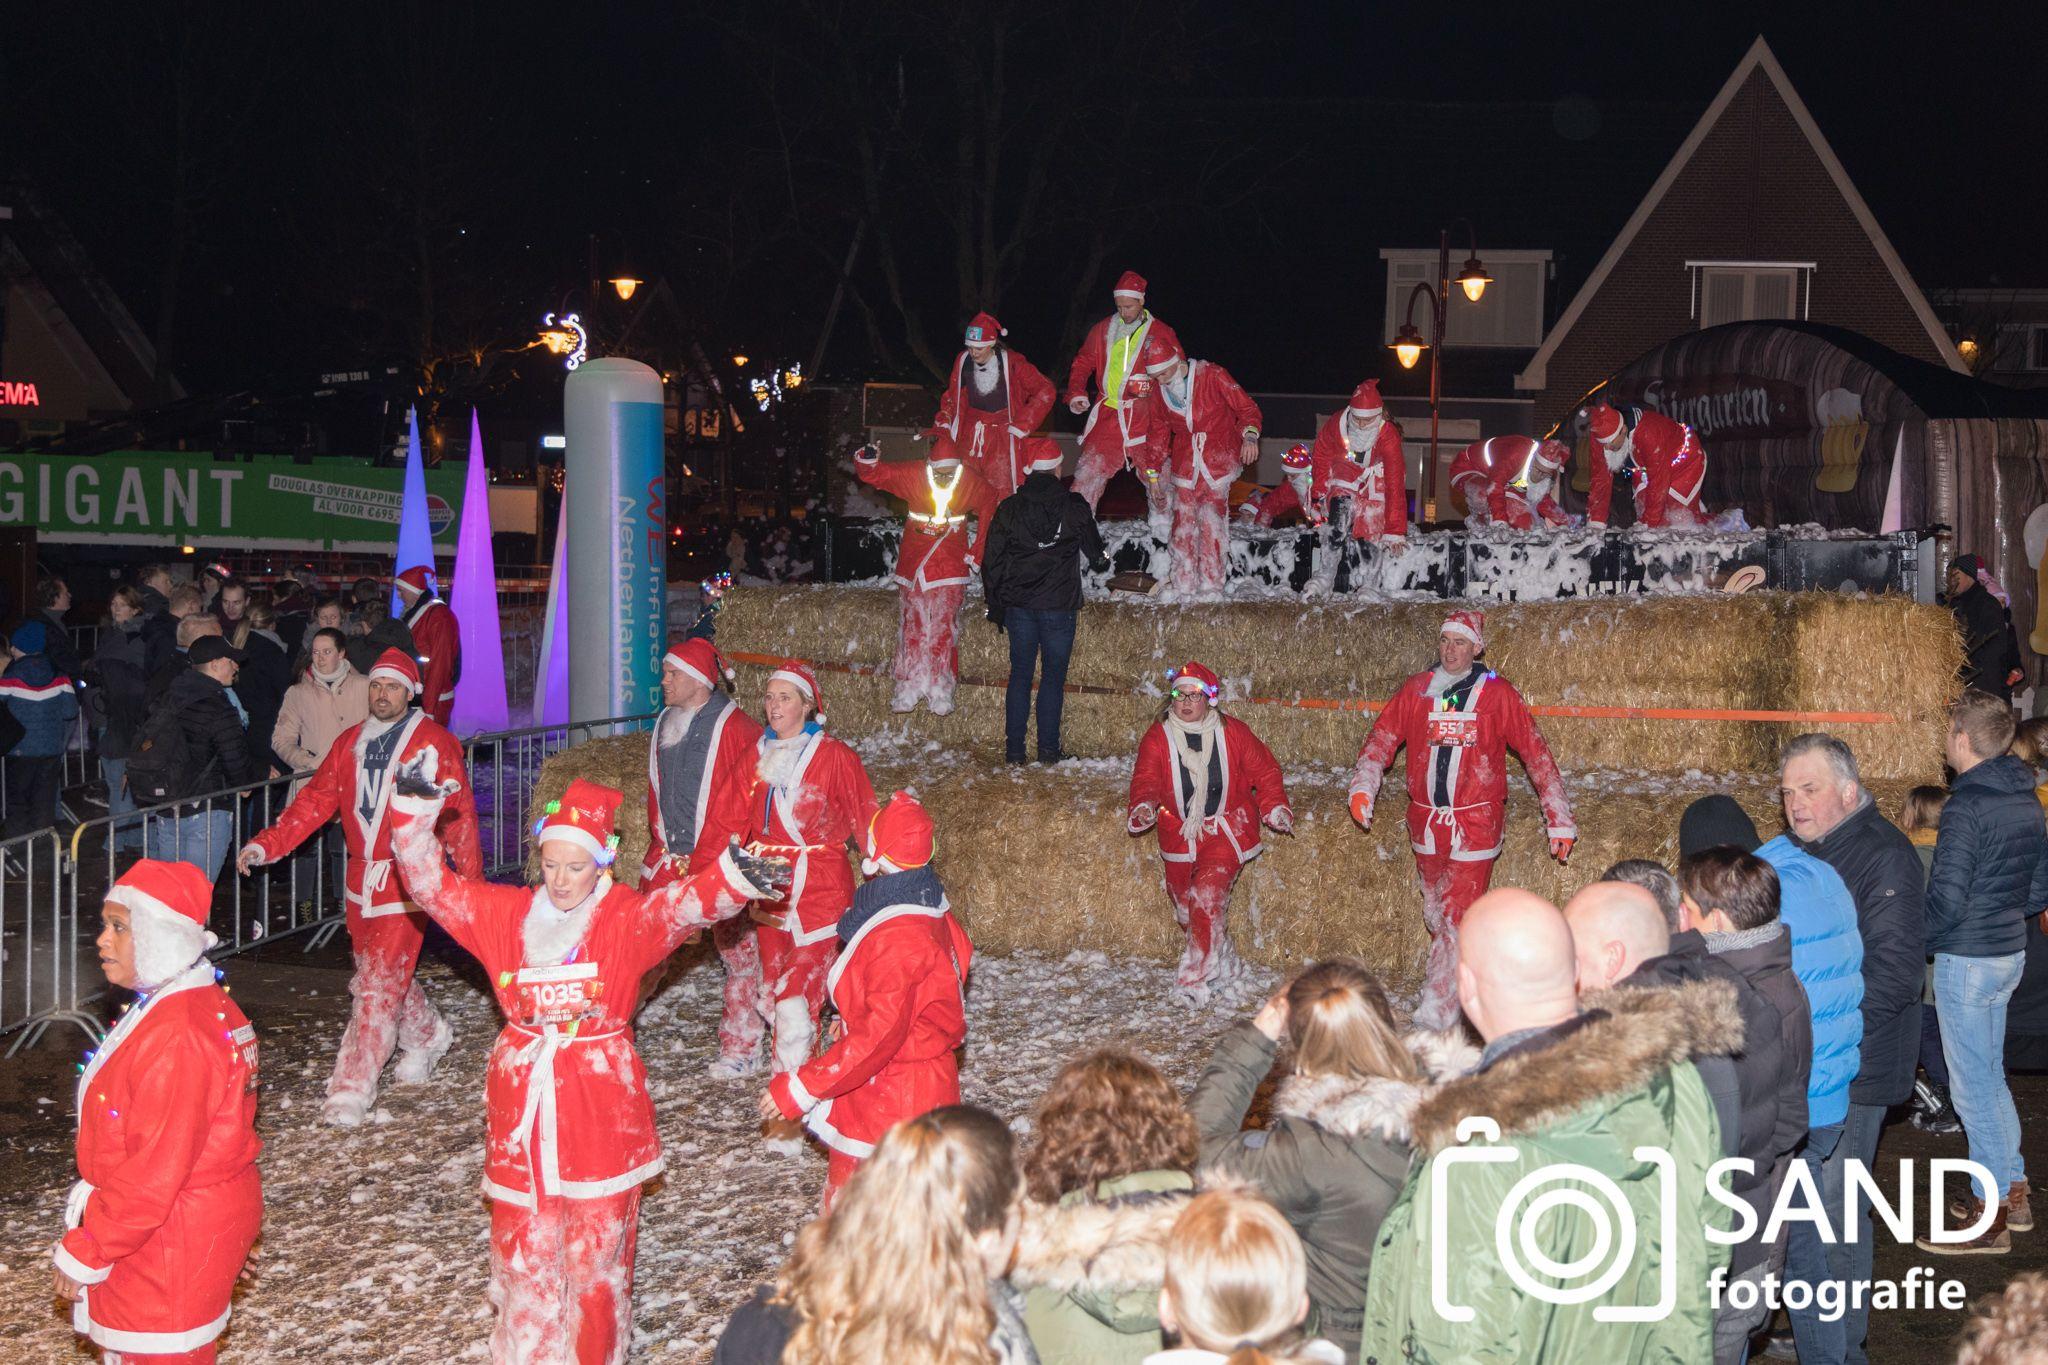 13-12-'19 Santa Run Fun Vriezenveen Sand Fotografie